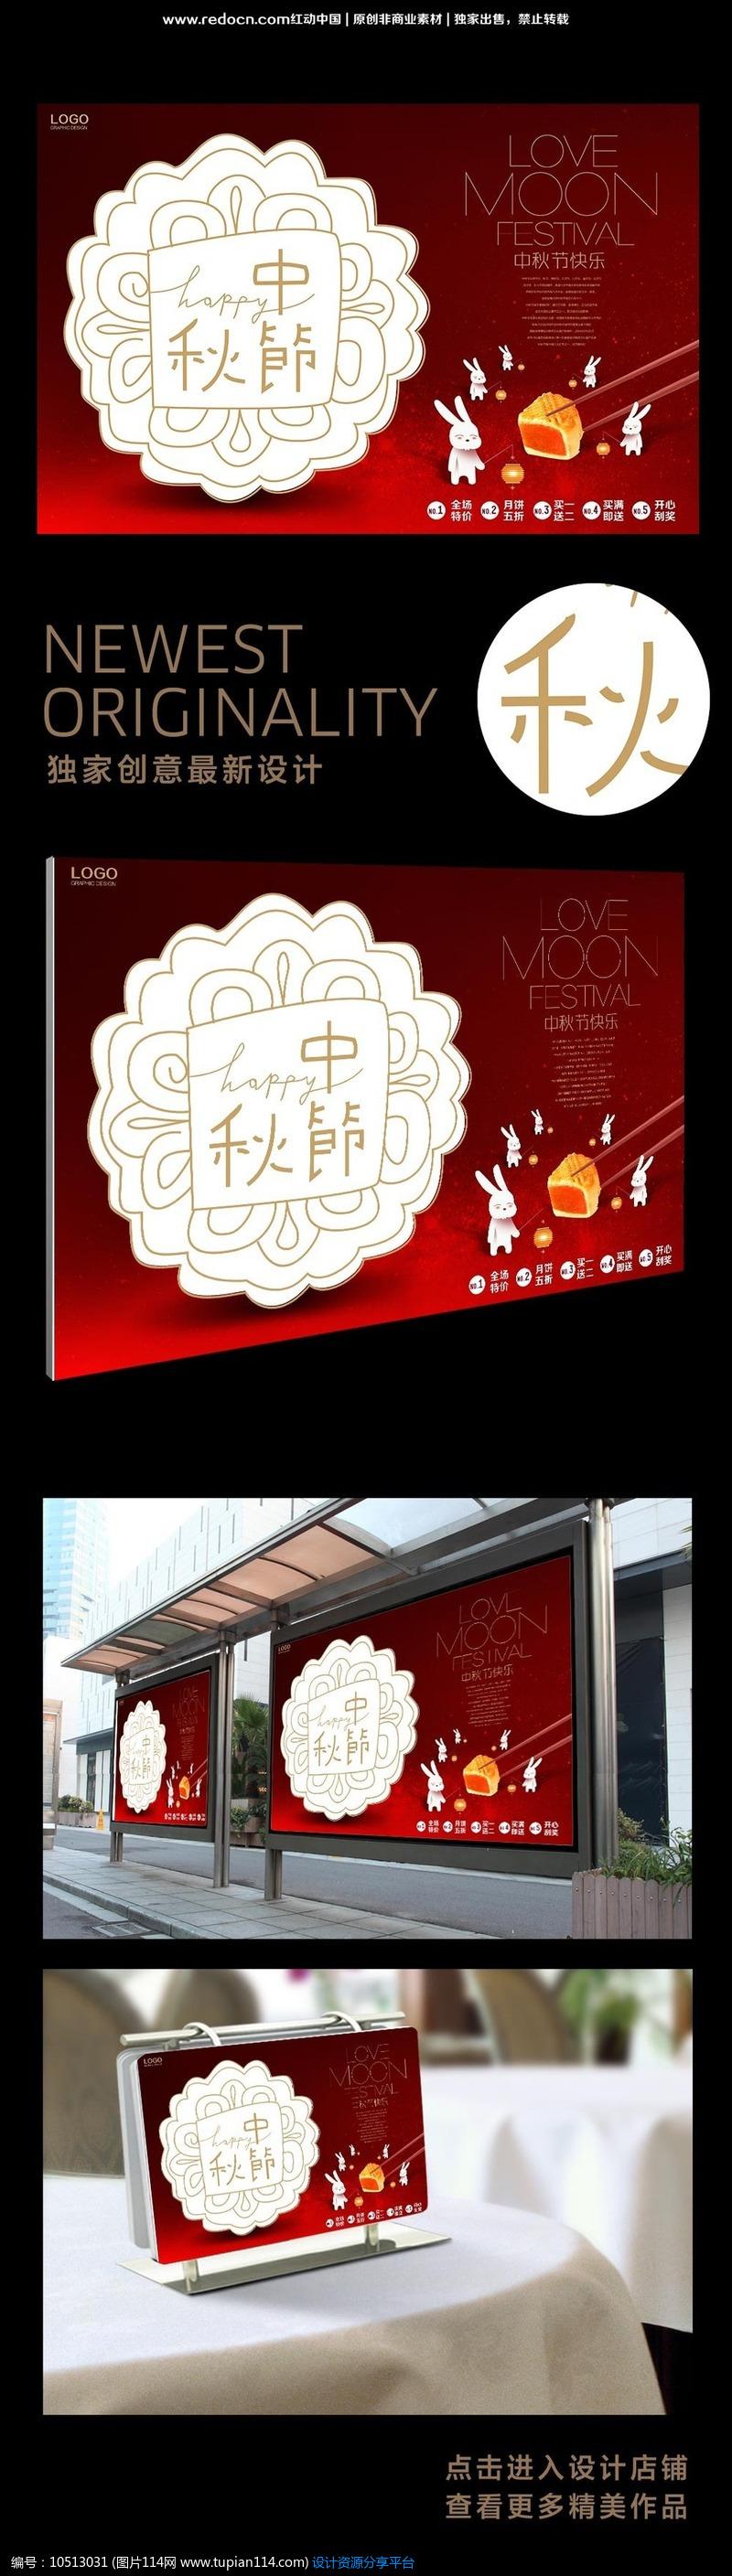 欢度中秋共享月饼创意海报设计素材免费下载_中秋节